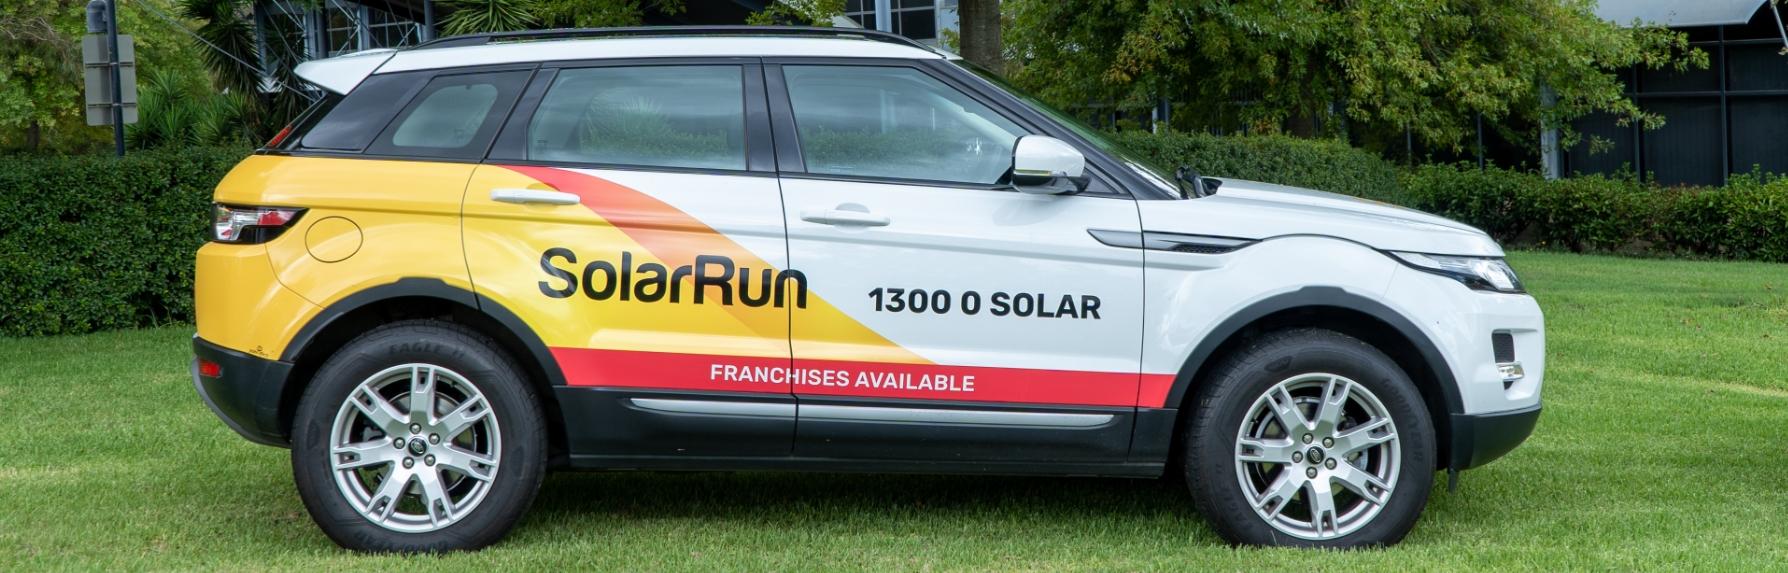 Solar Run Frachises Available